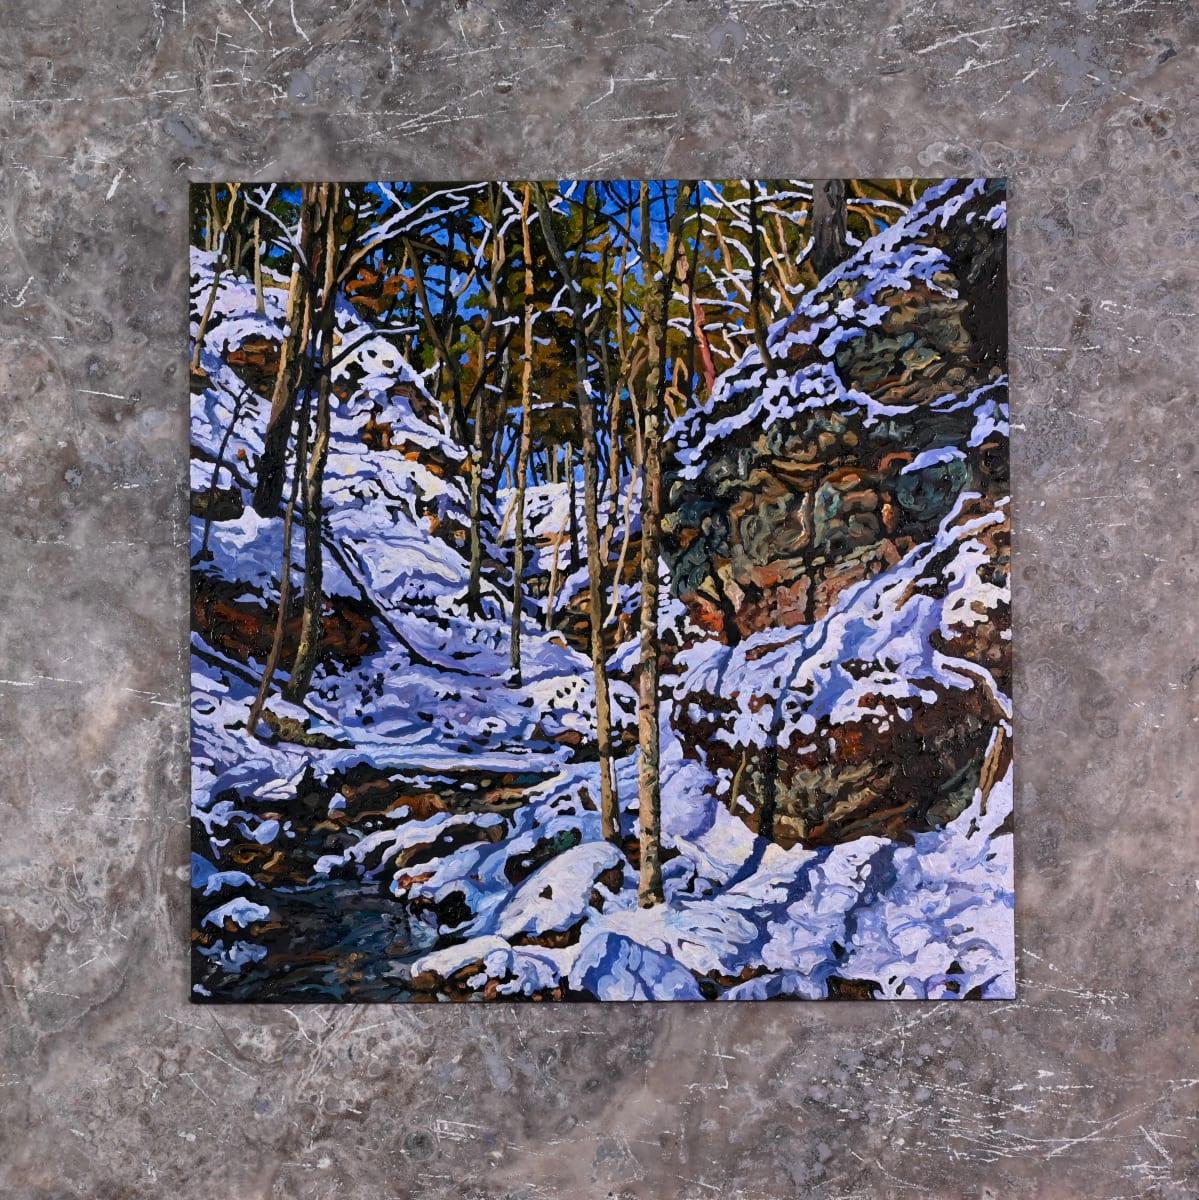 Shadows Up (Original on tile) by Ken Schneider